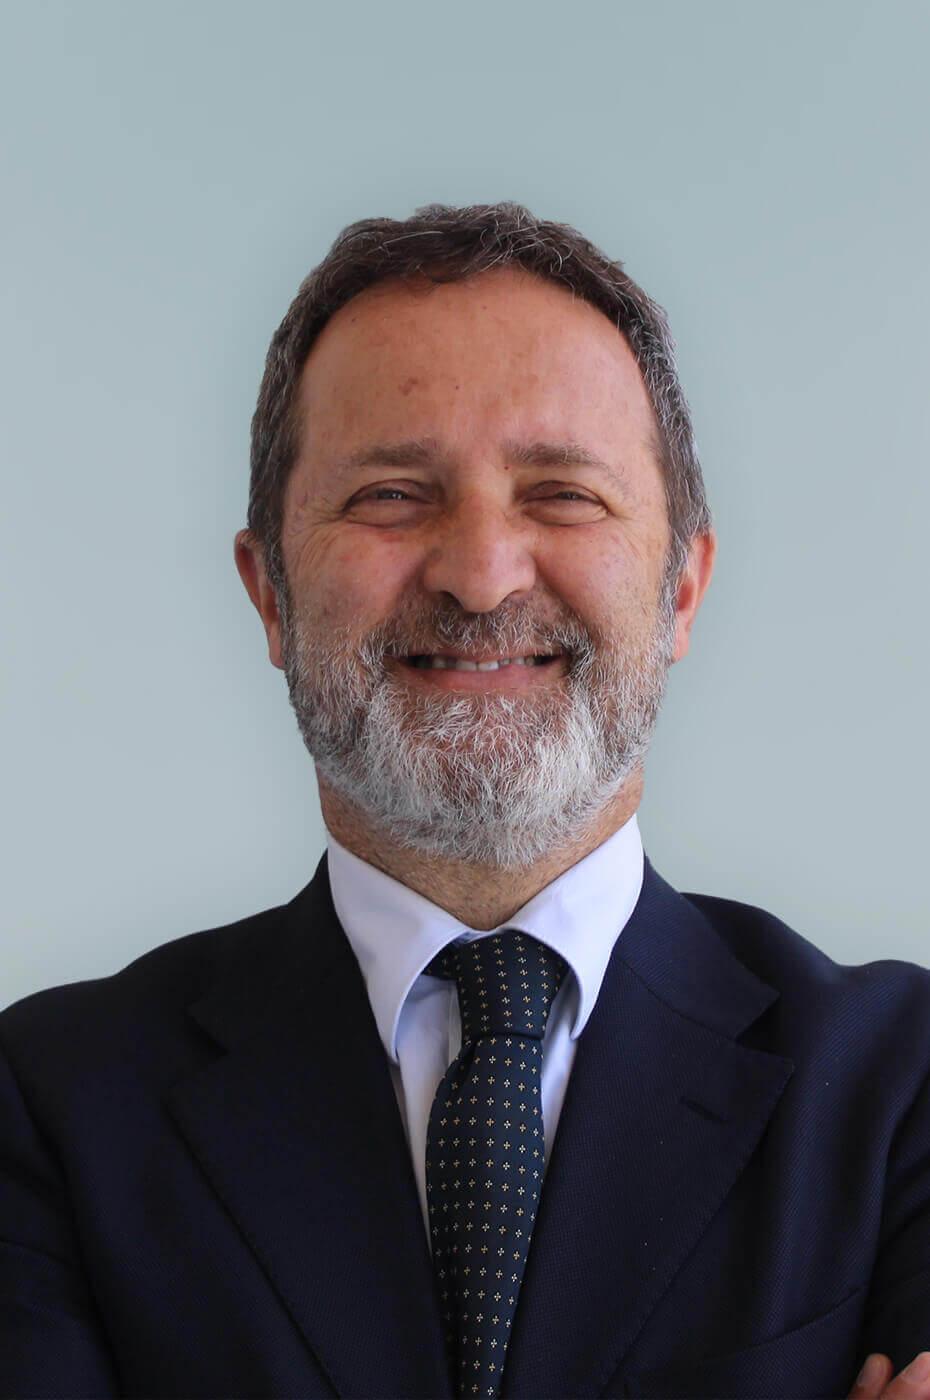 Giuseppe Ghezzi : Portfolio Manager